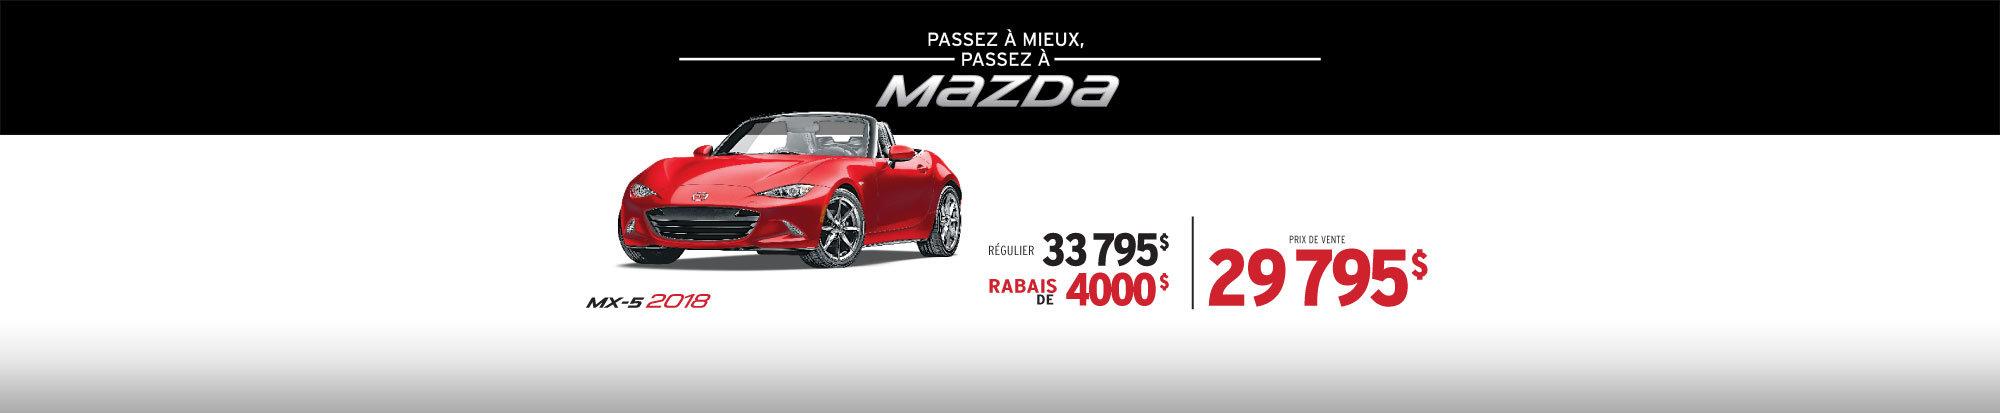 PASSEZ À MIEUX – PASSEZ AU GROUPE BEAUCAGE MAZDA avec la MAZDA MX-5 2018 web